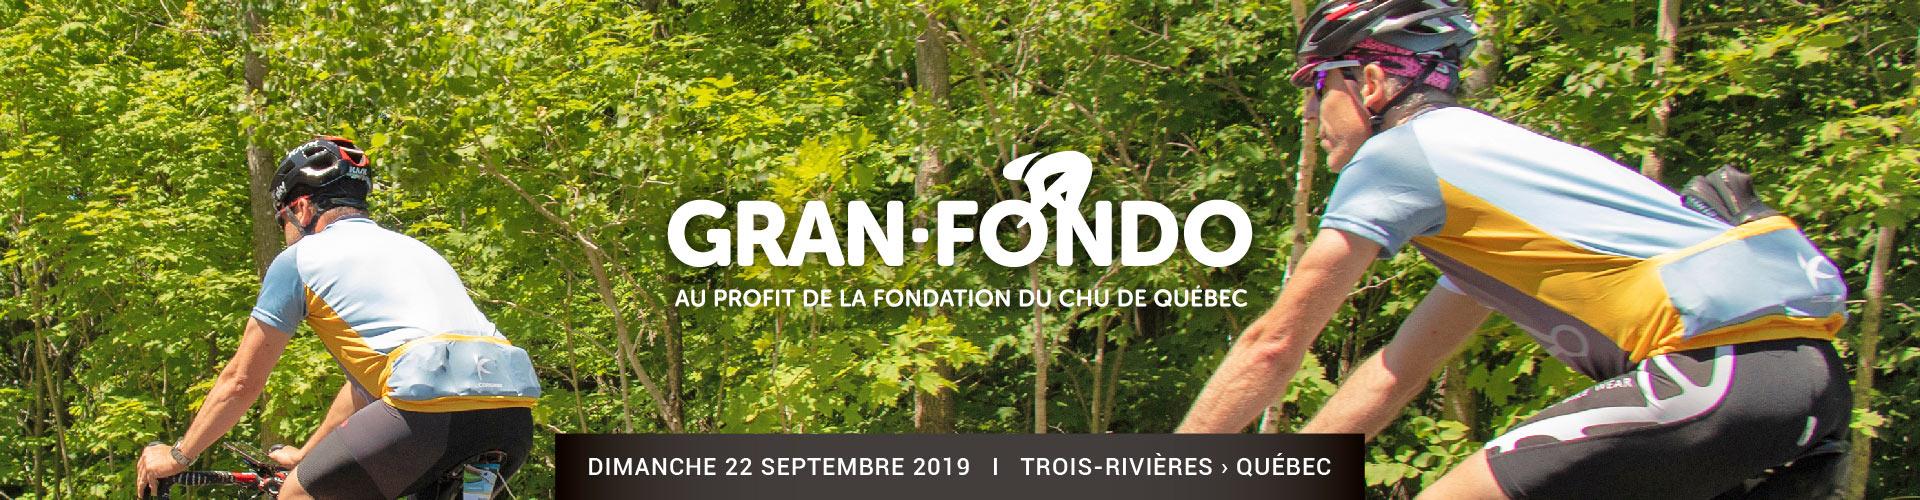 Bandeau Gran Fondo Éco de la Fondation du CHU de Québec